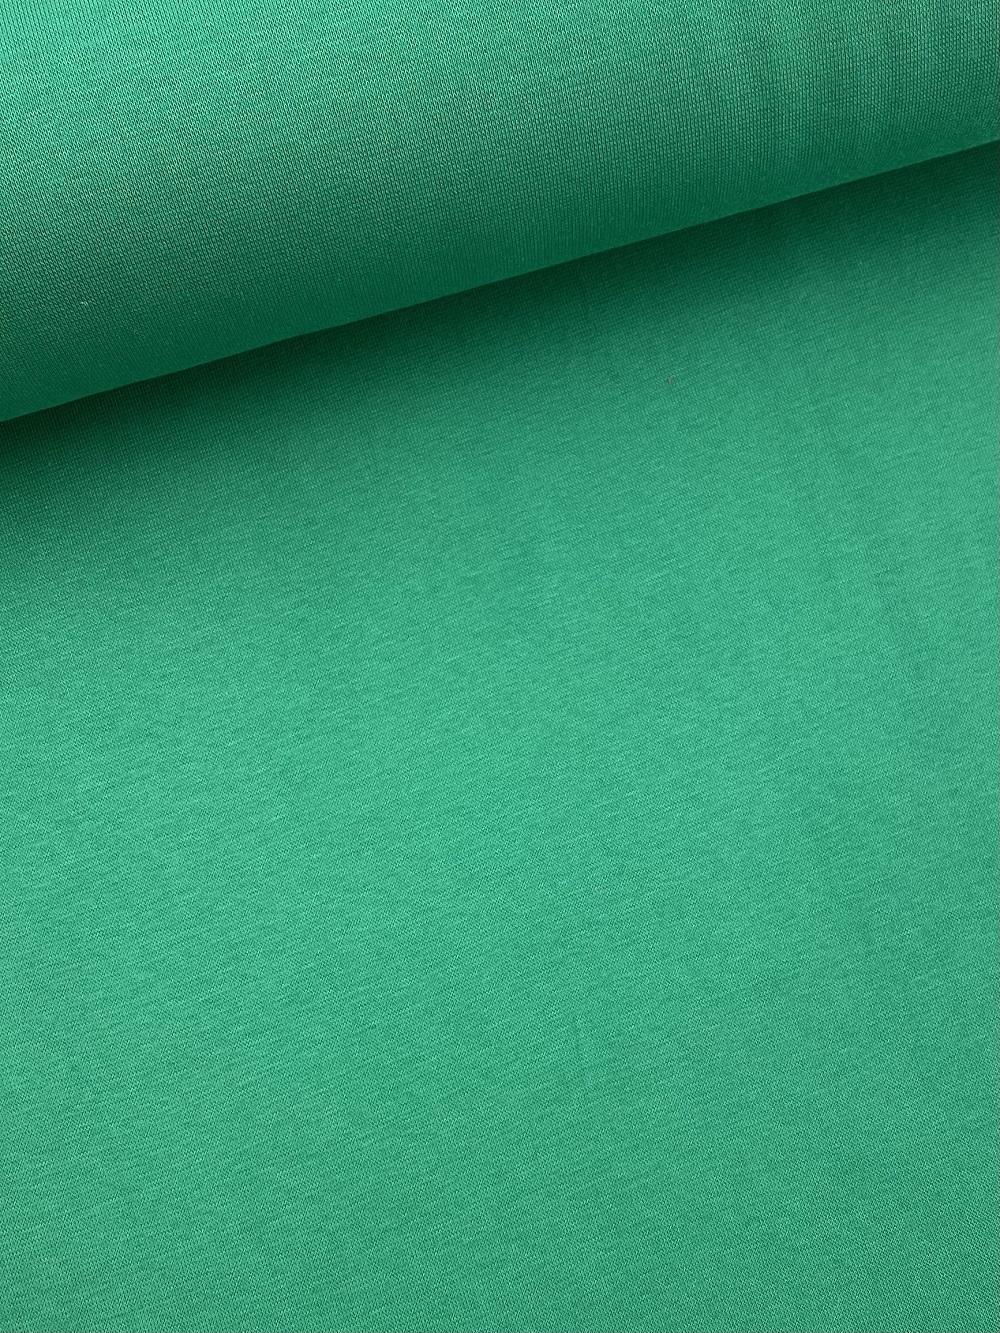 Bündchenware (glatt), grün. Art. SW10632